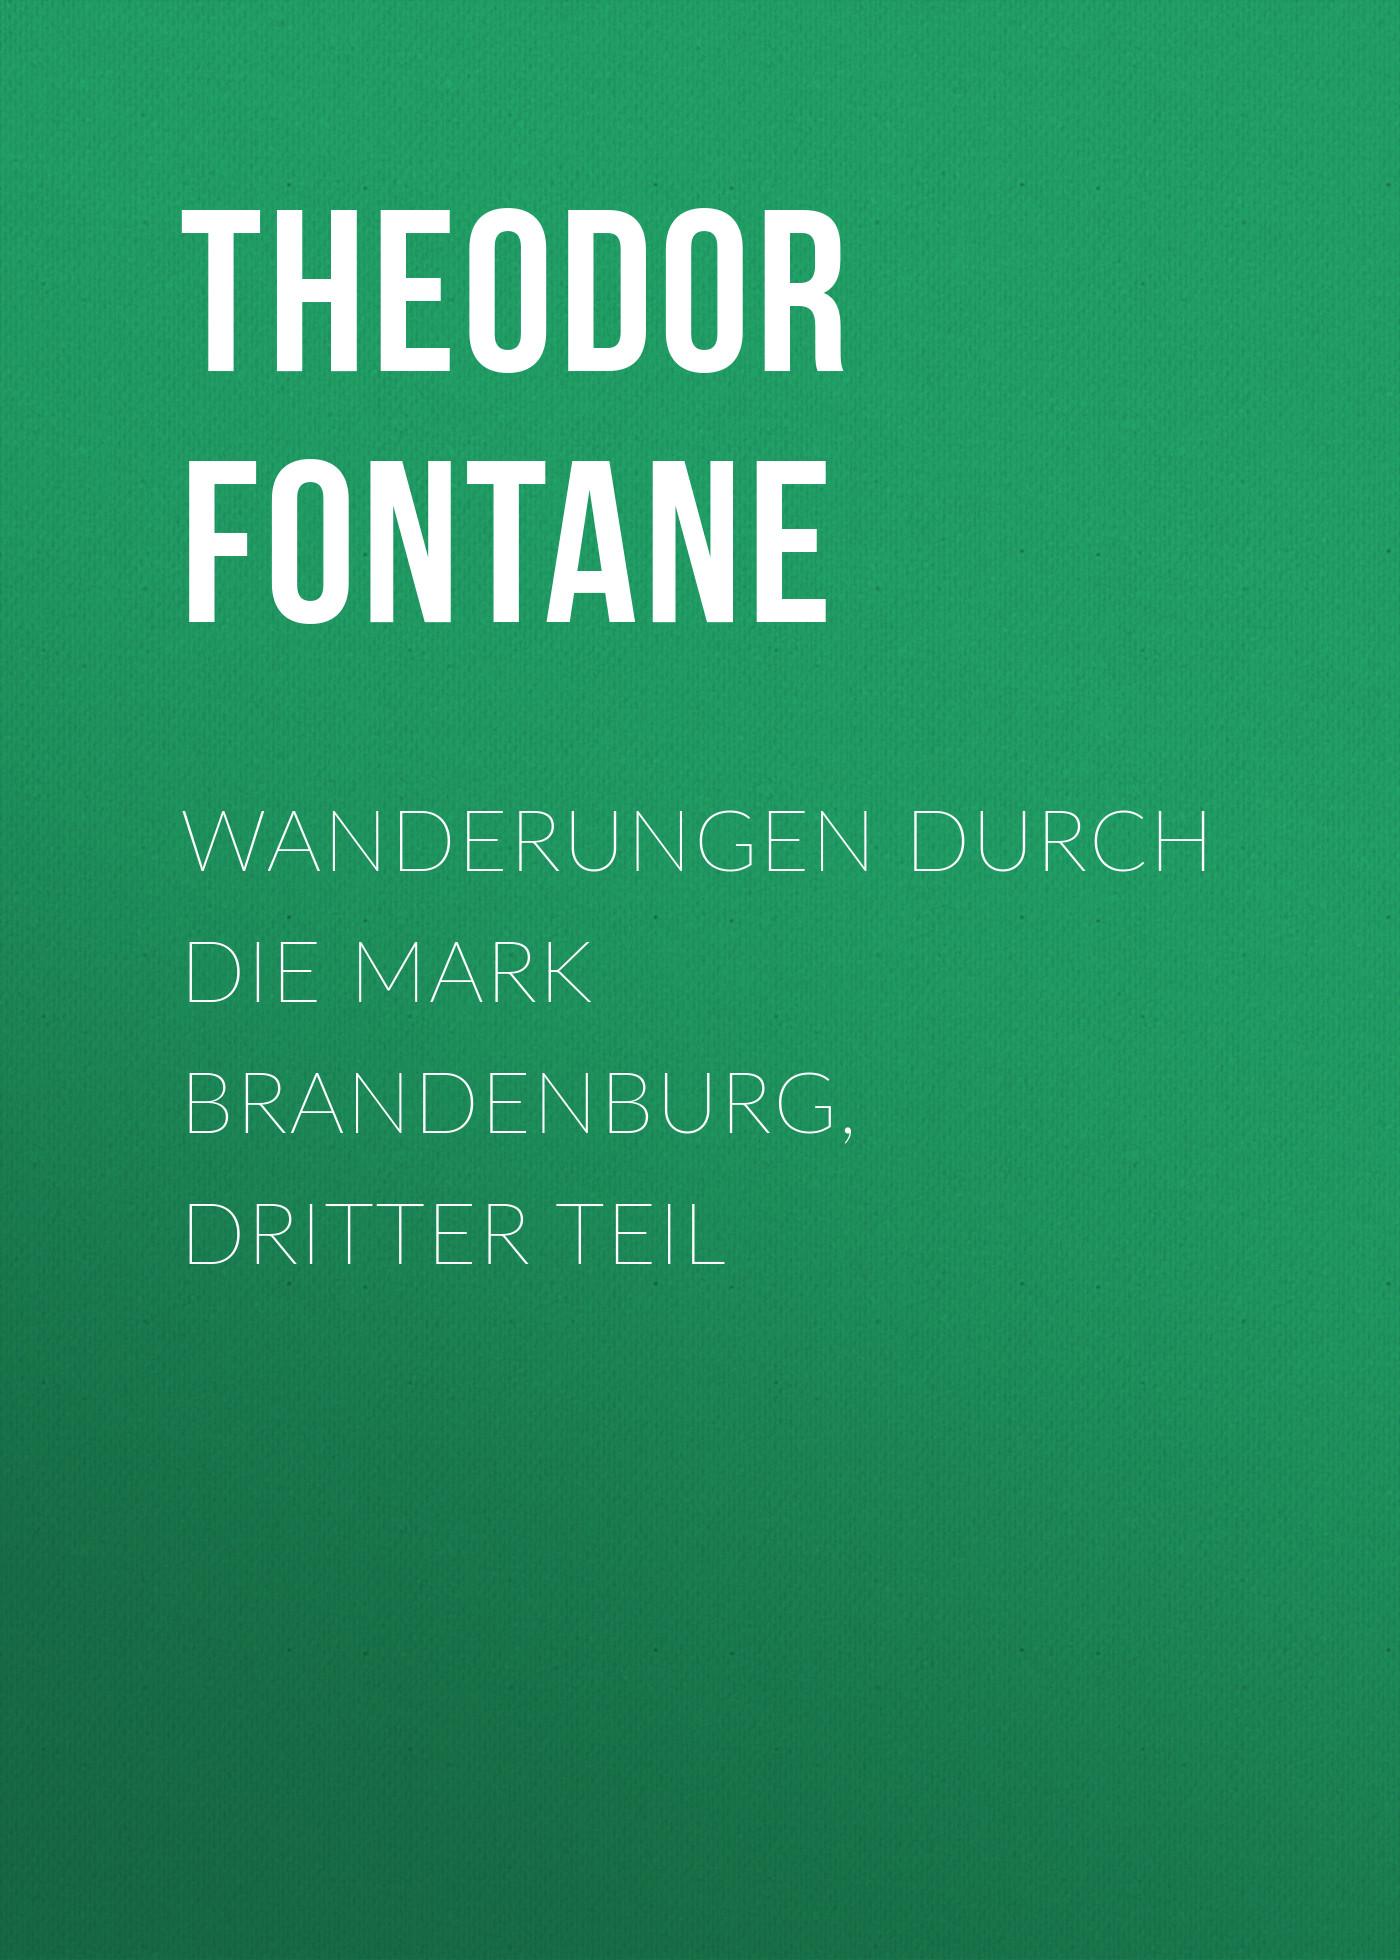 Wanderungen durch die Mark Brandenburg, Dritter Teil